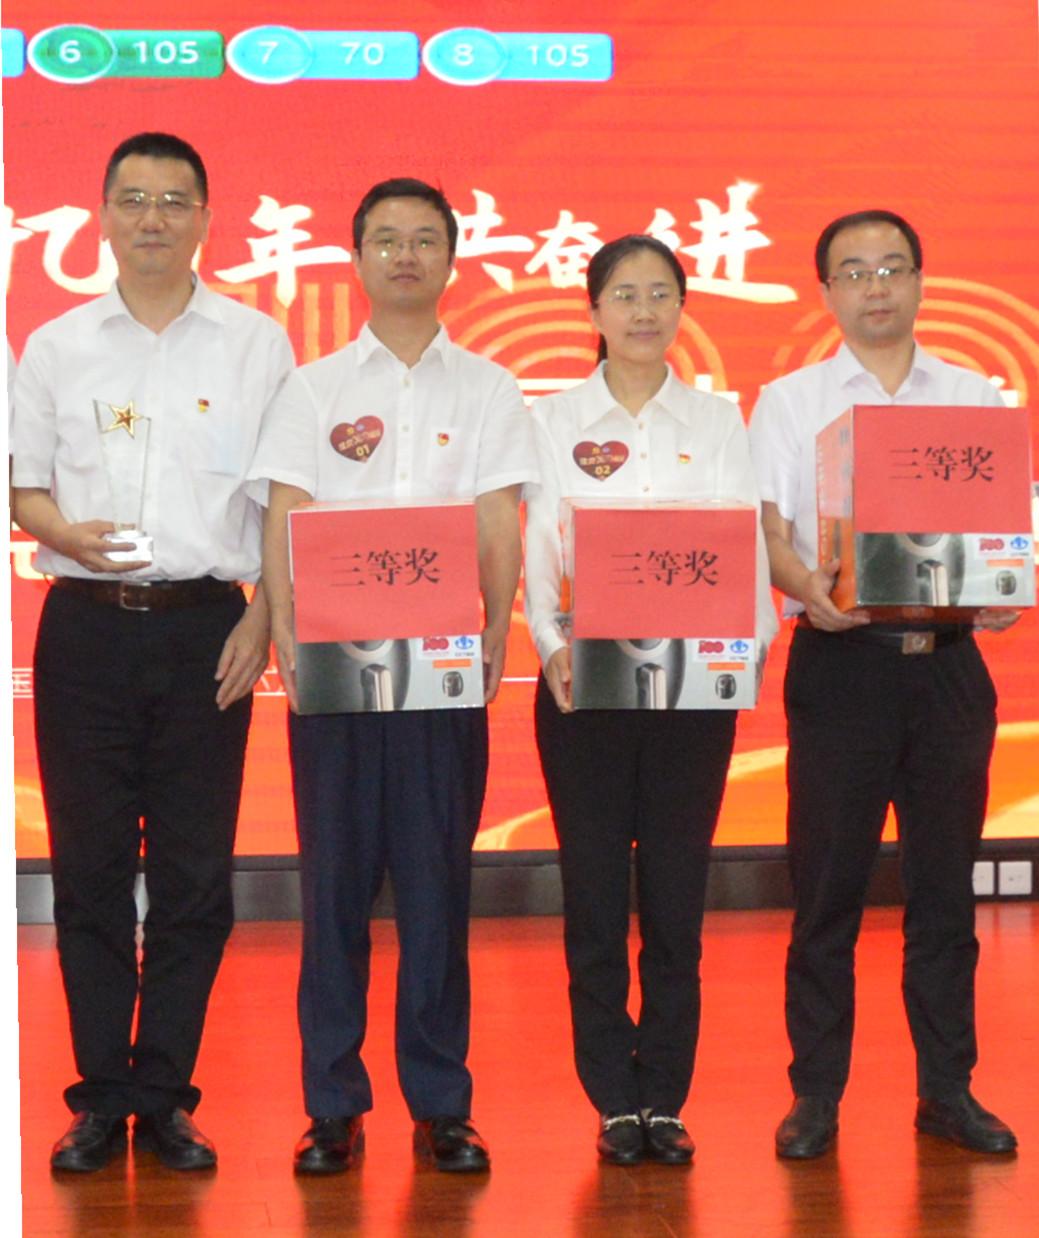 中选洁净煤党支部积极参加北京华宇党委庆祝建党100周年系列活动